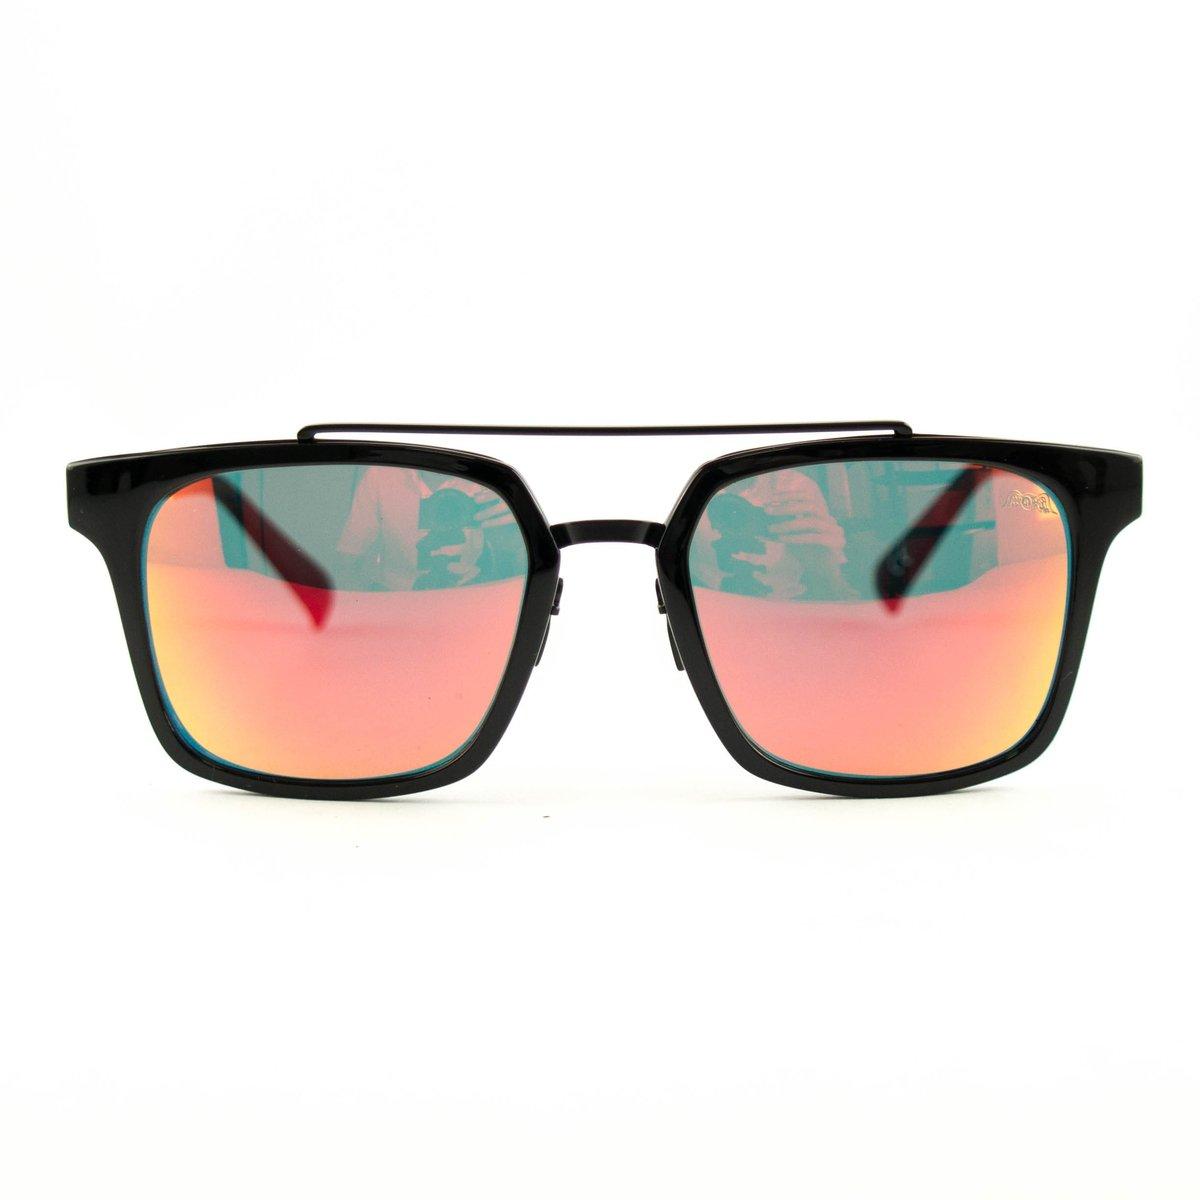 Óculos Von Dutch De Sol - Compre Agora   Zattini 710d7fa5f1